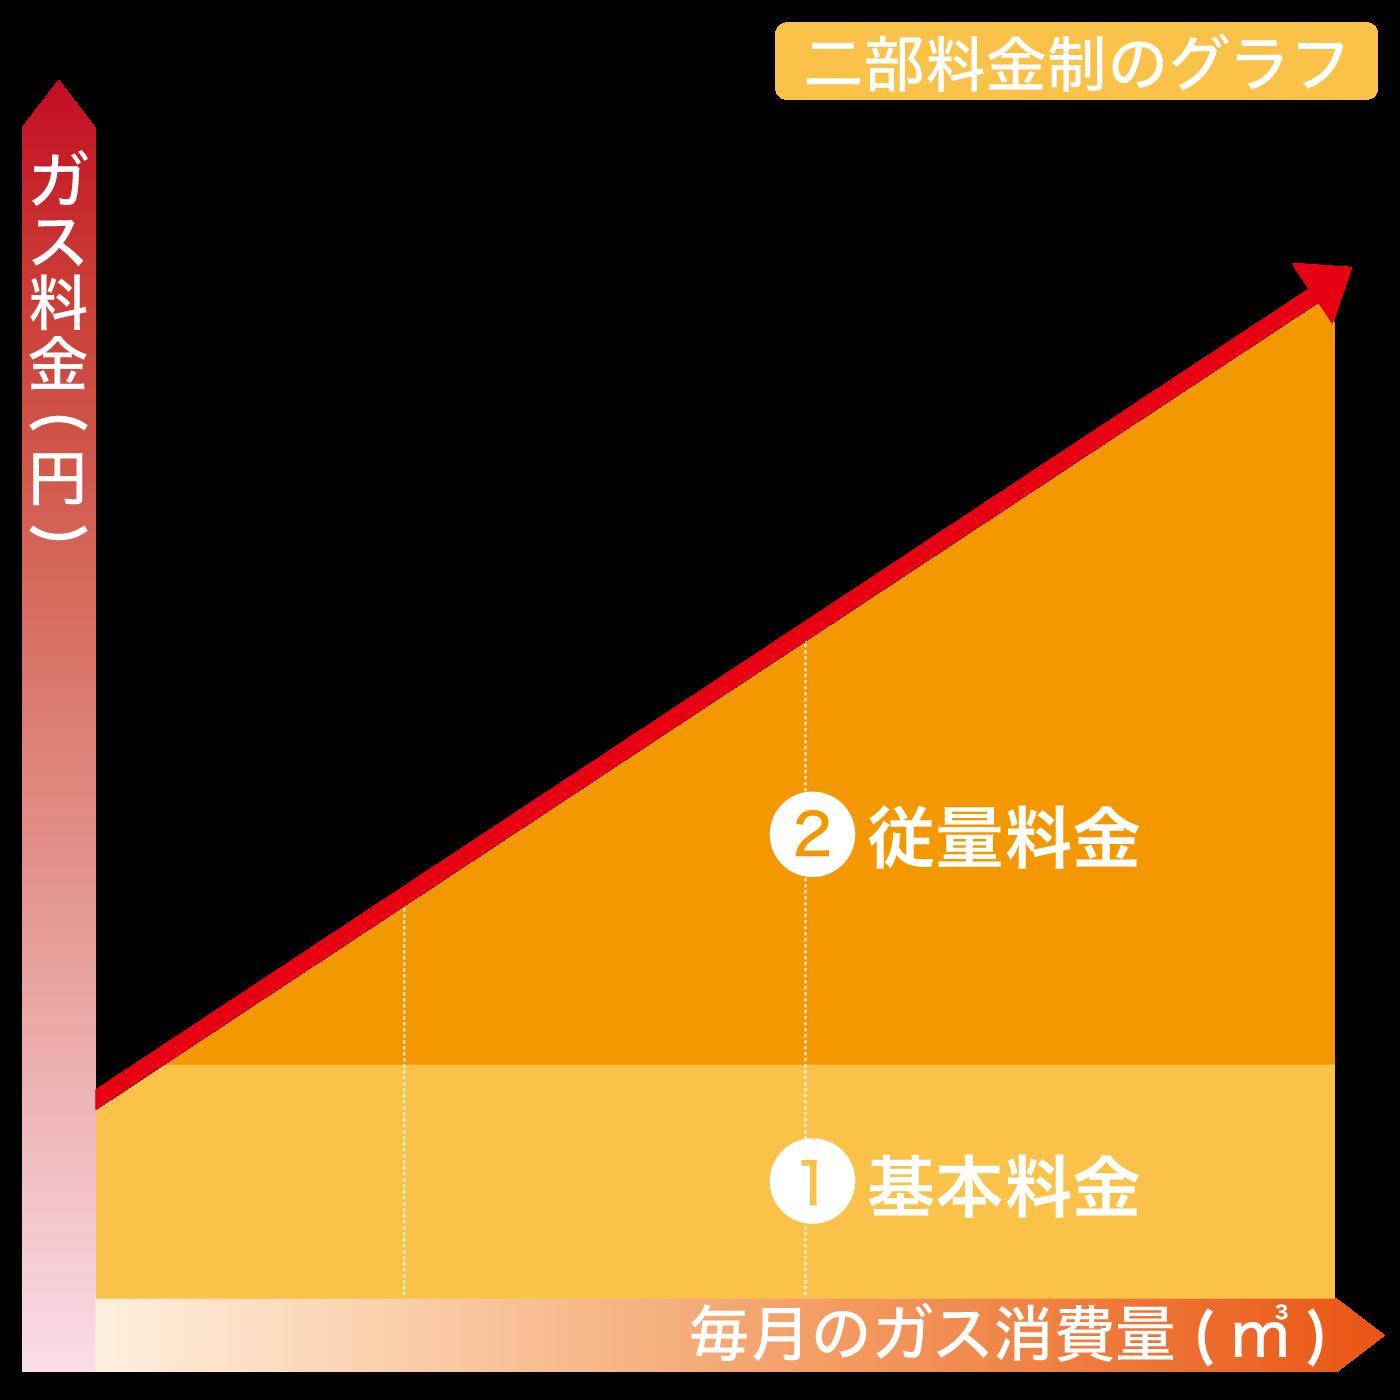 二部料金制の説明グラフ